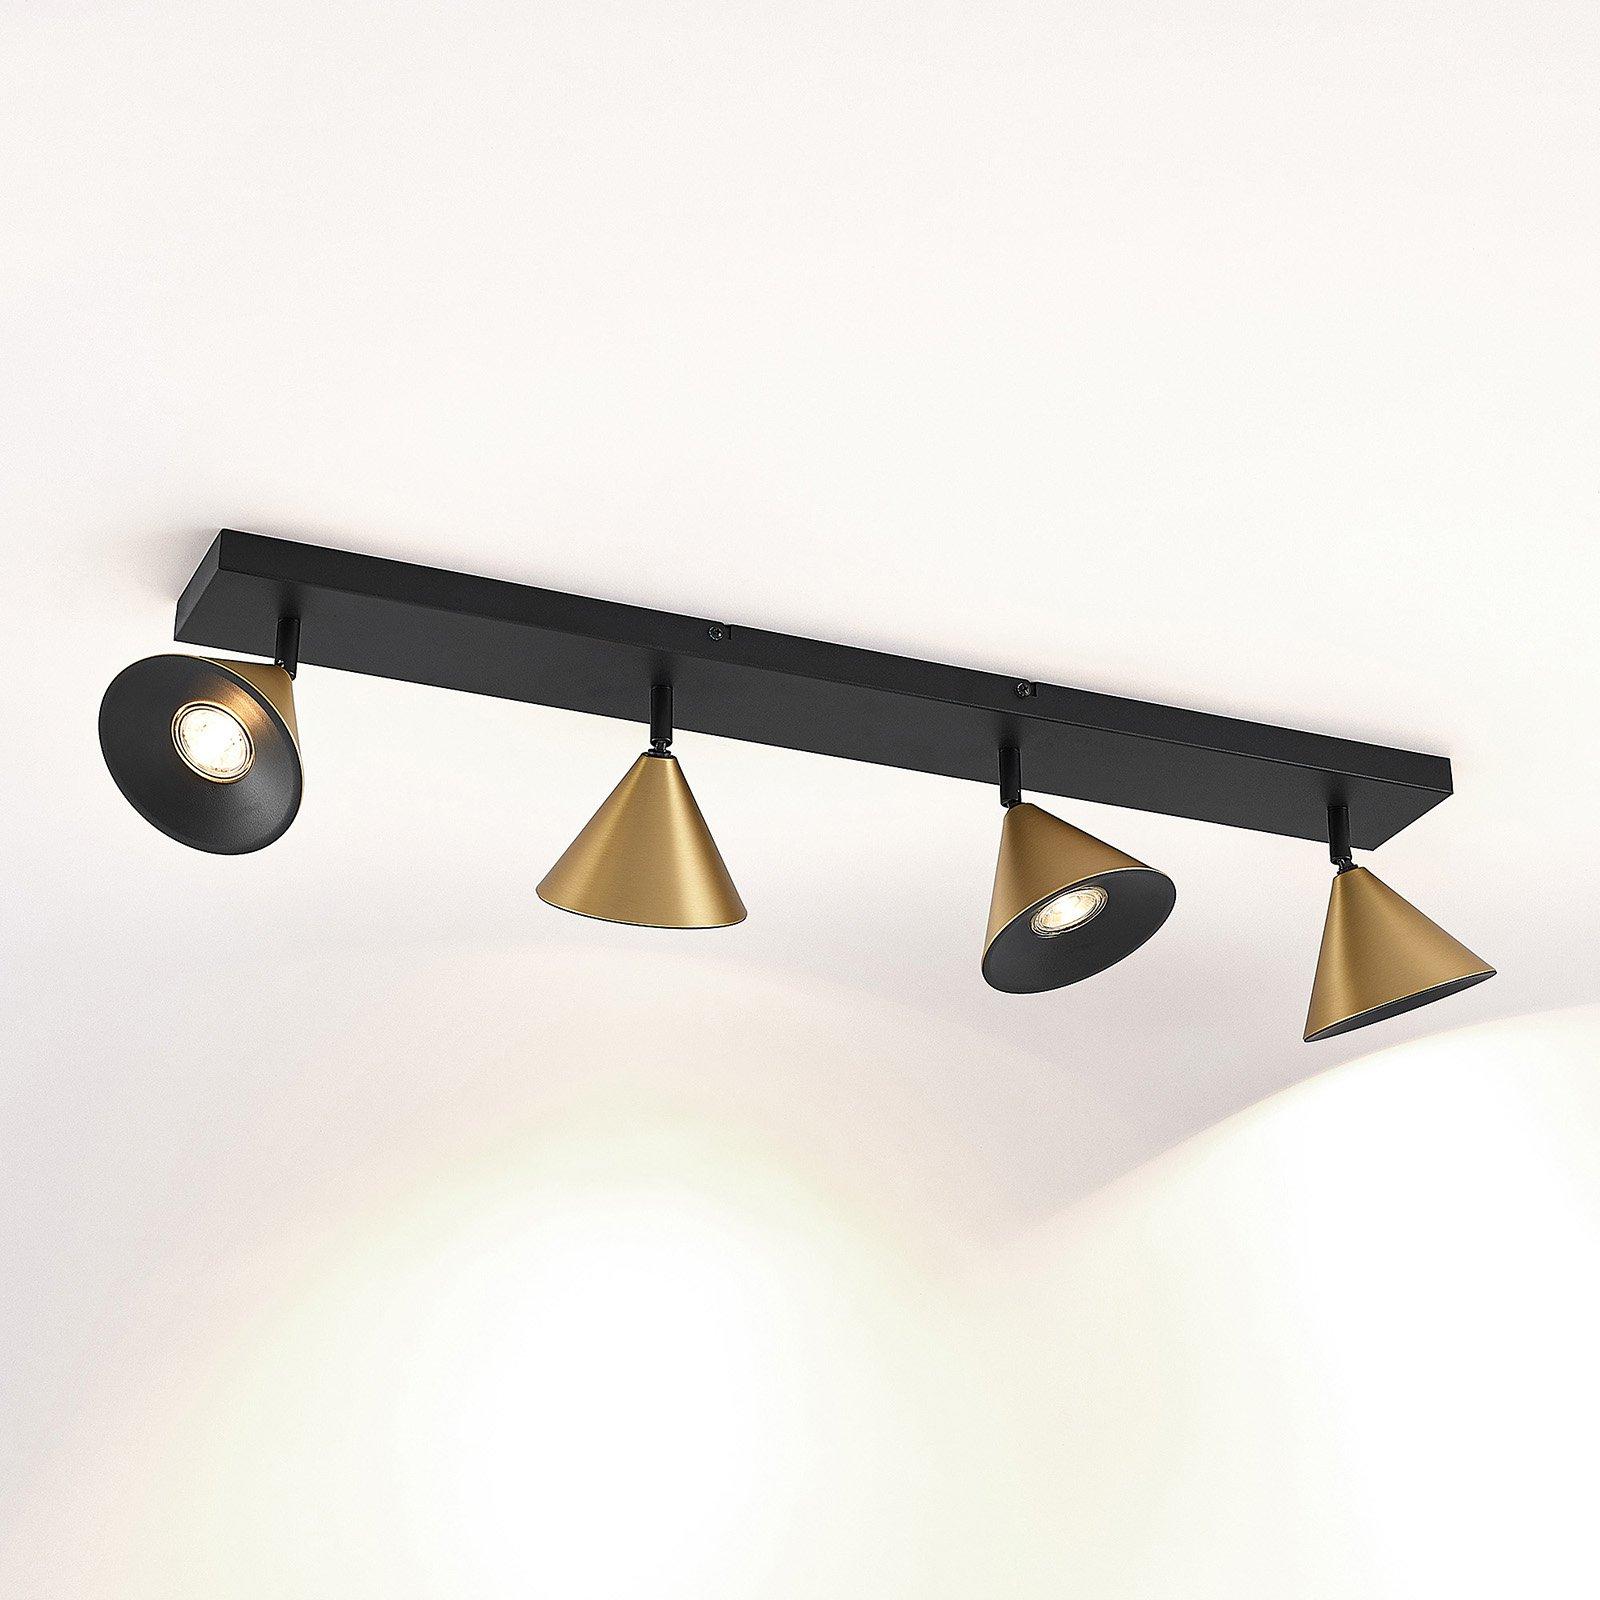 Lucande Kartio taklampe, 4 lys, dreibar, messing